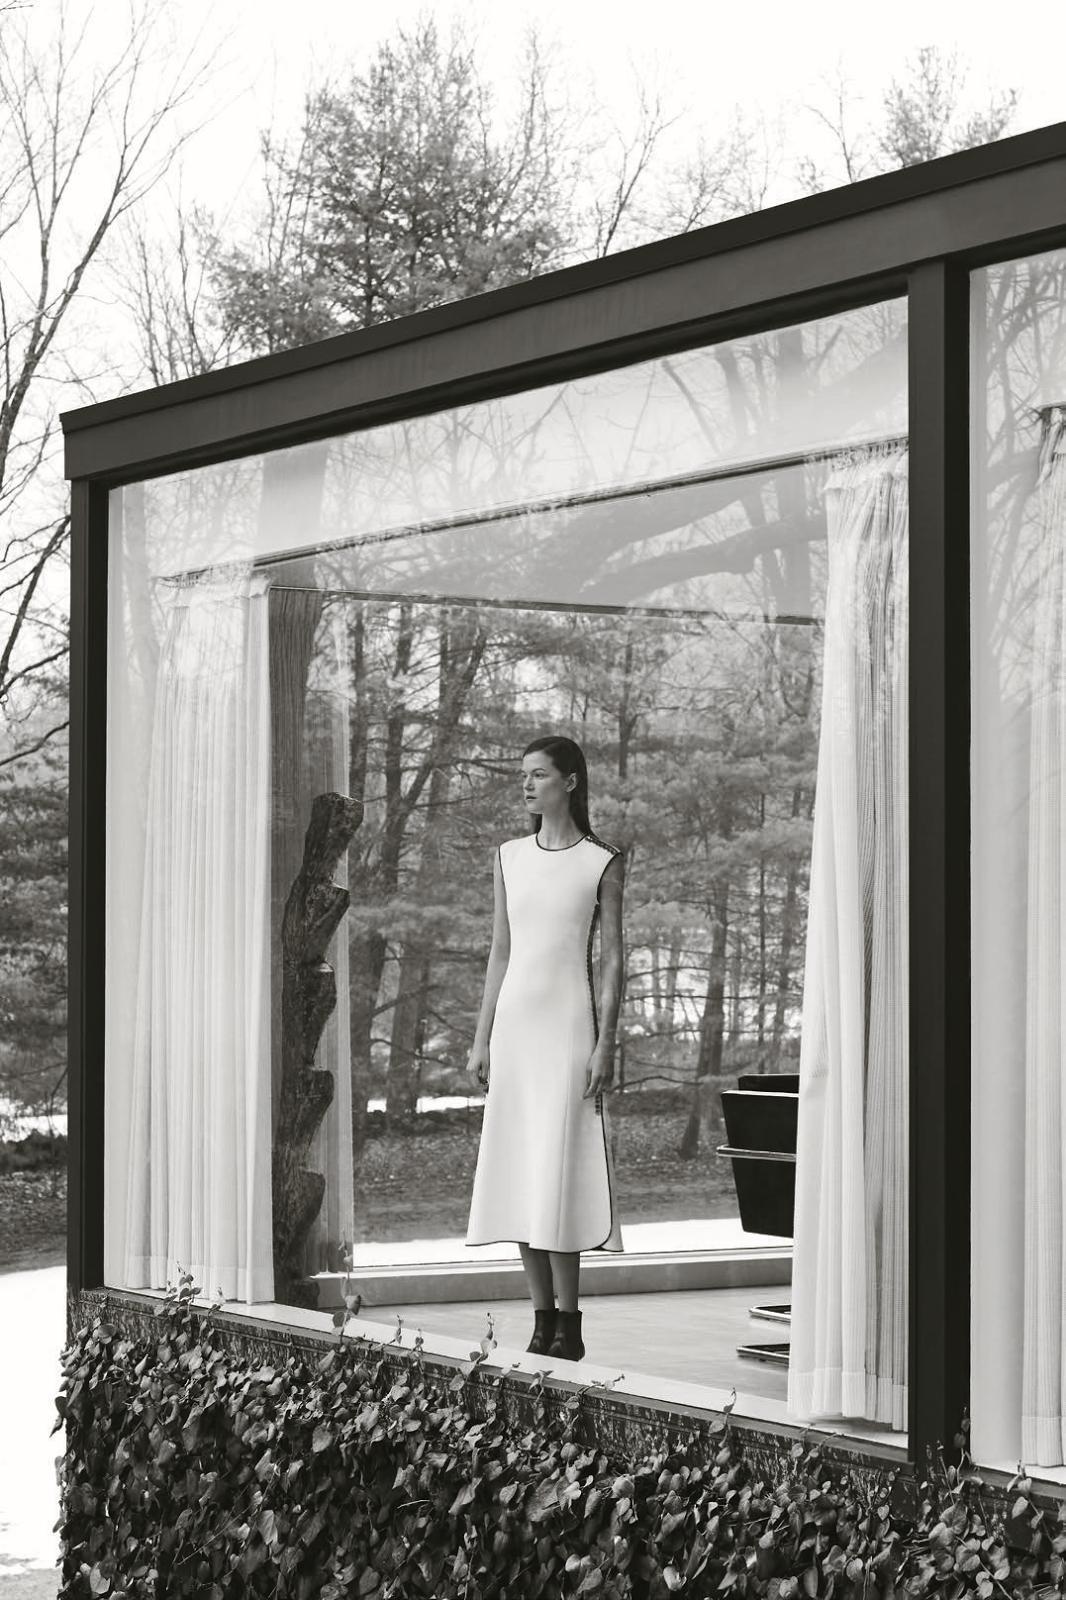 Kasia Struss for Bergdorf Goodman Pre-Fall 2015 - Balenciaga